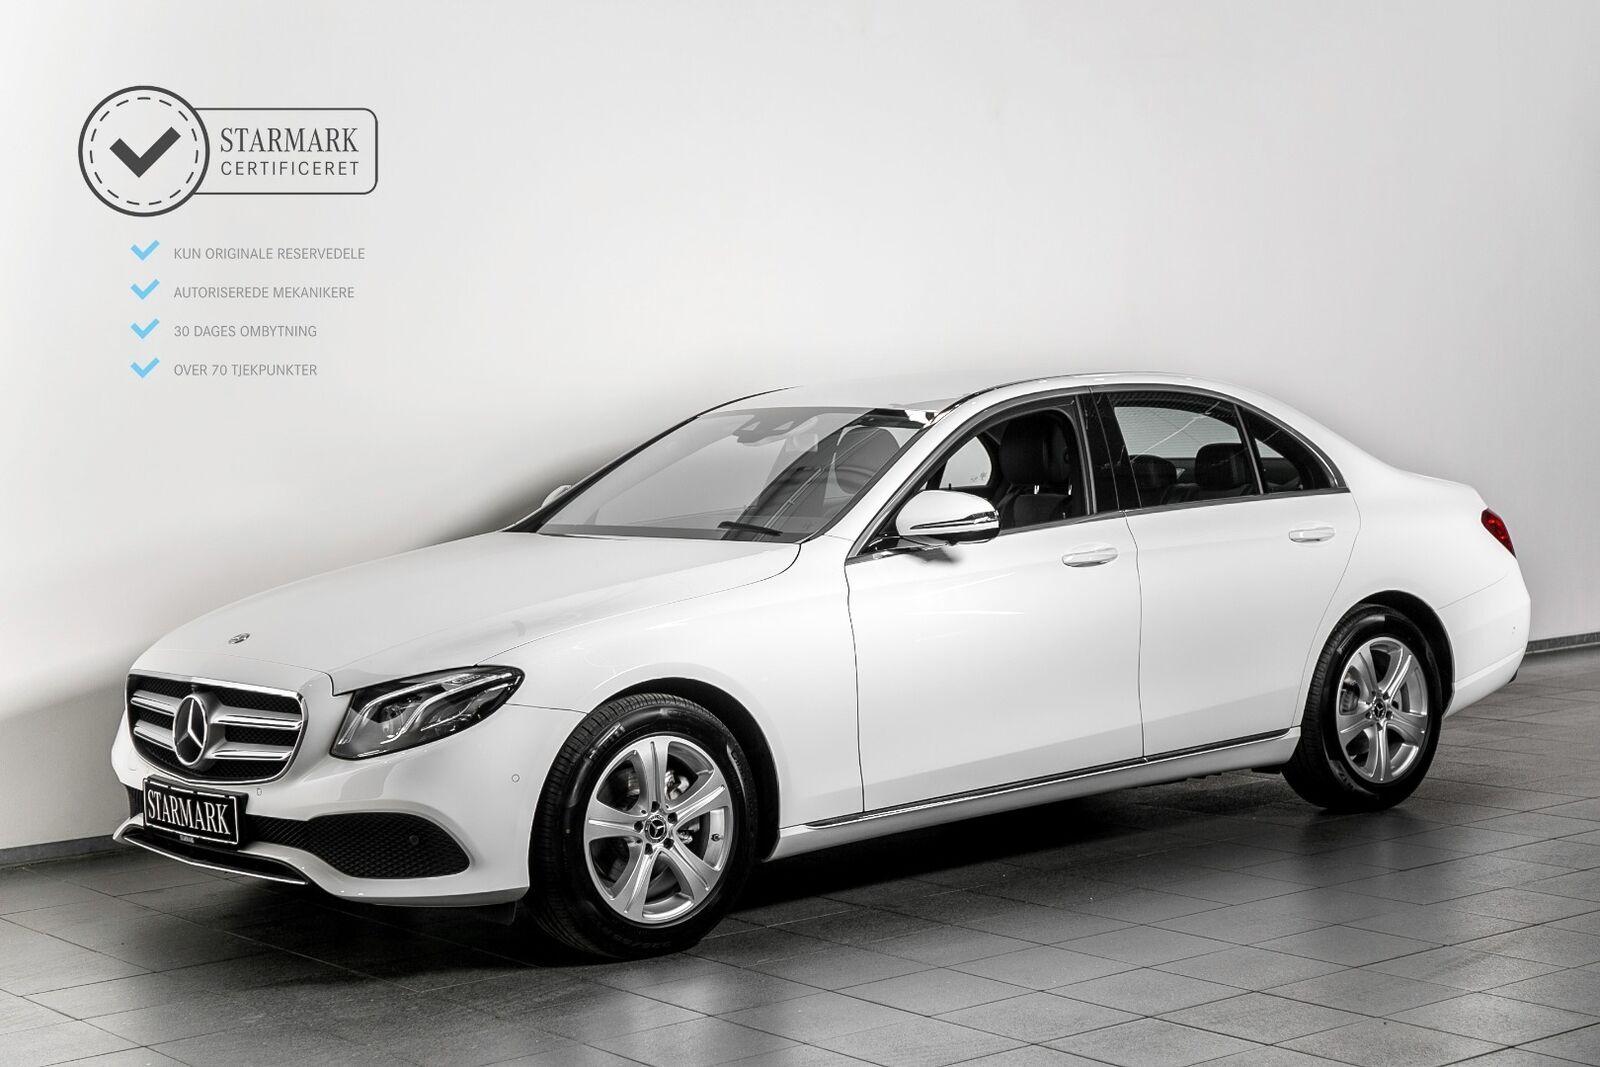 Mercedes E200 2,0 Avantgarde aut. 4d - 529.900 kr.